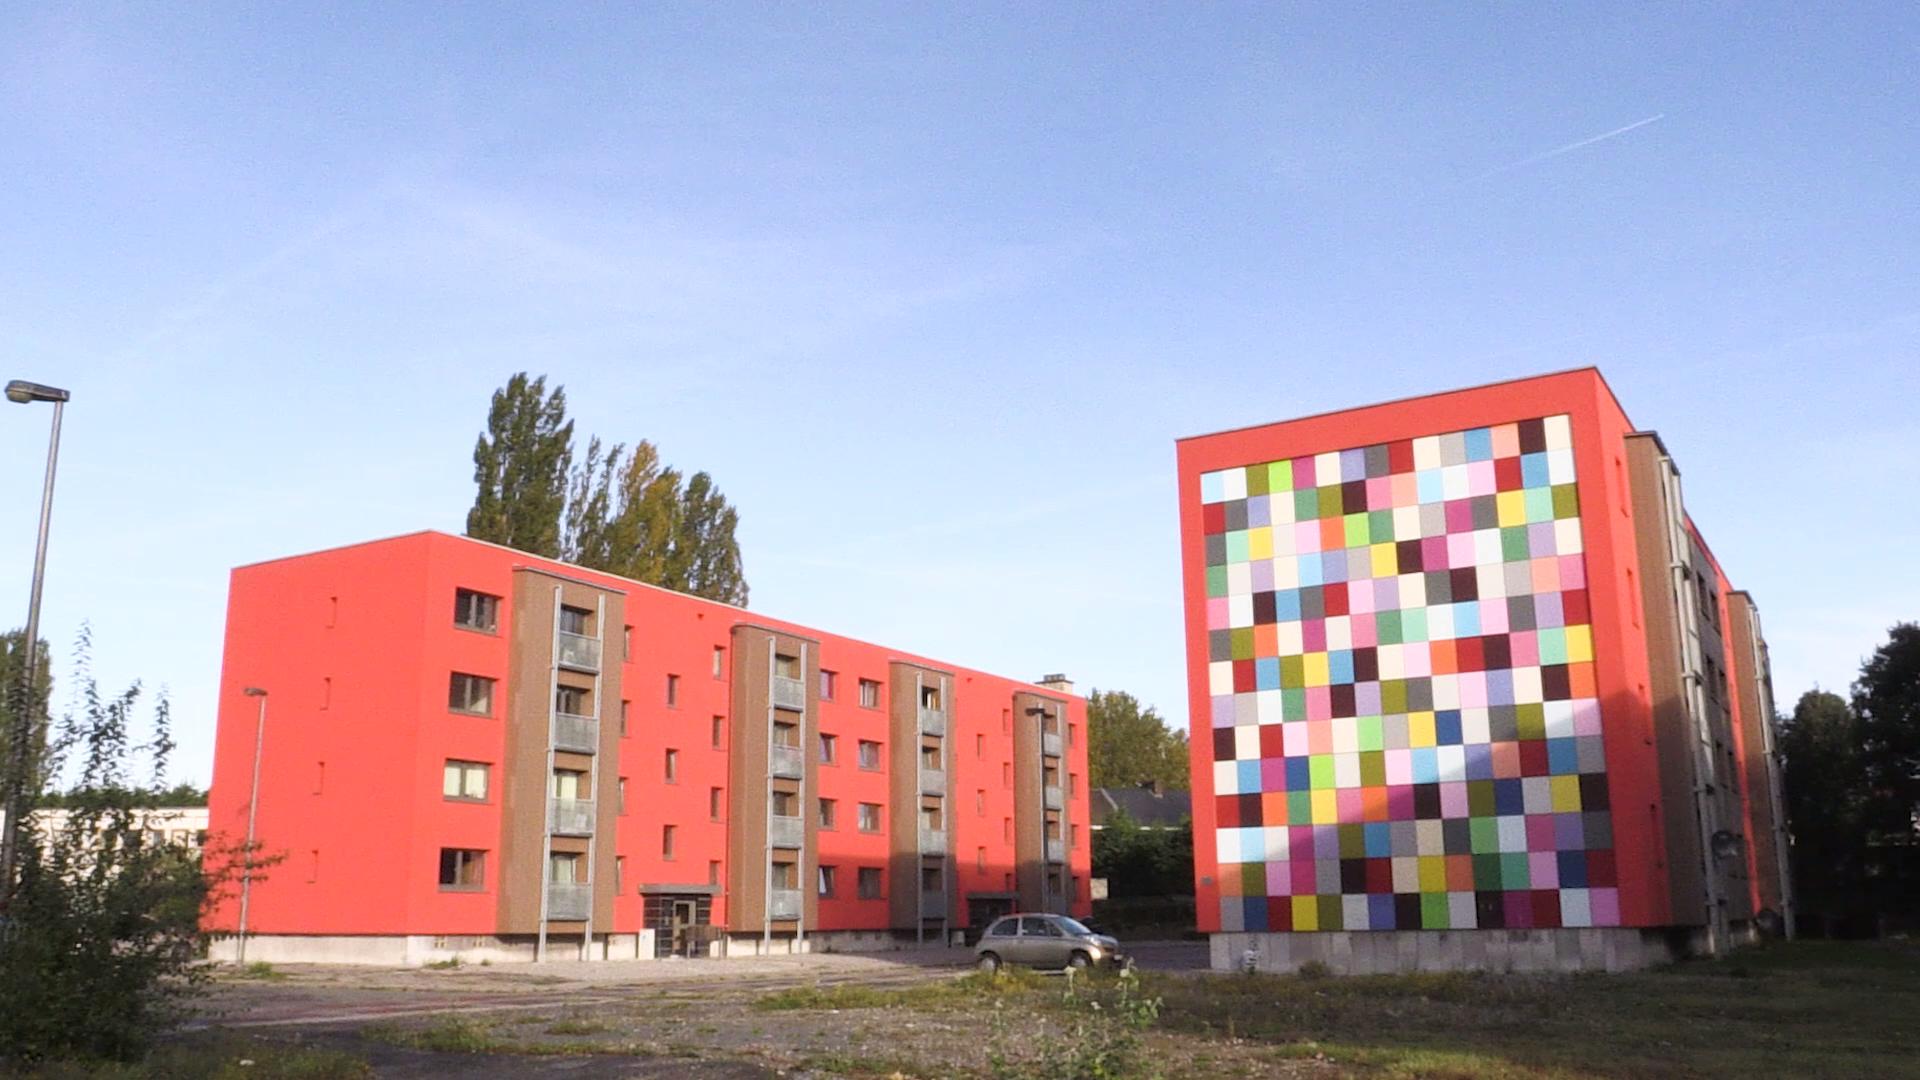 Case study Cité du Centenaire